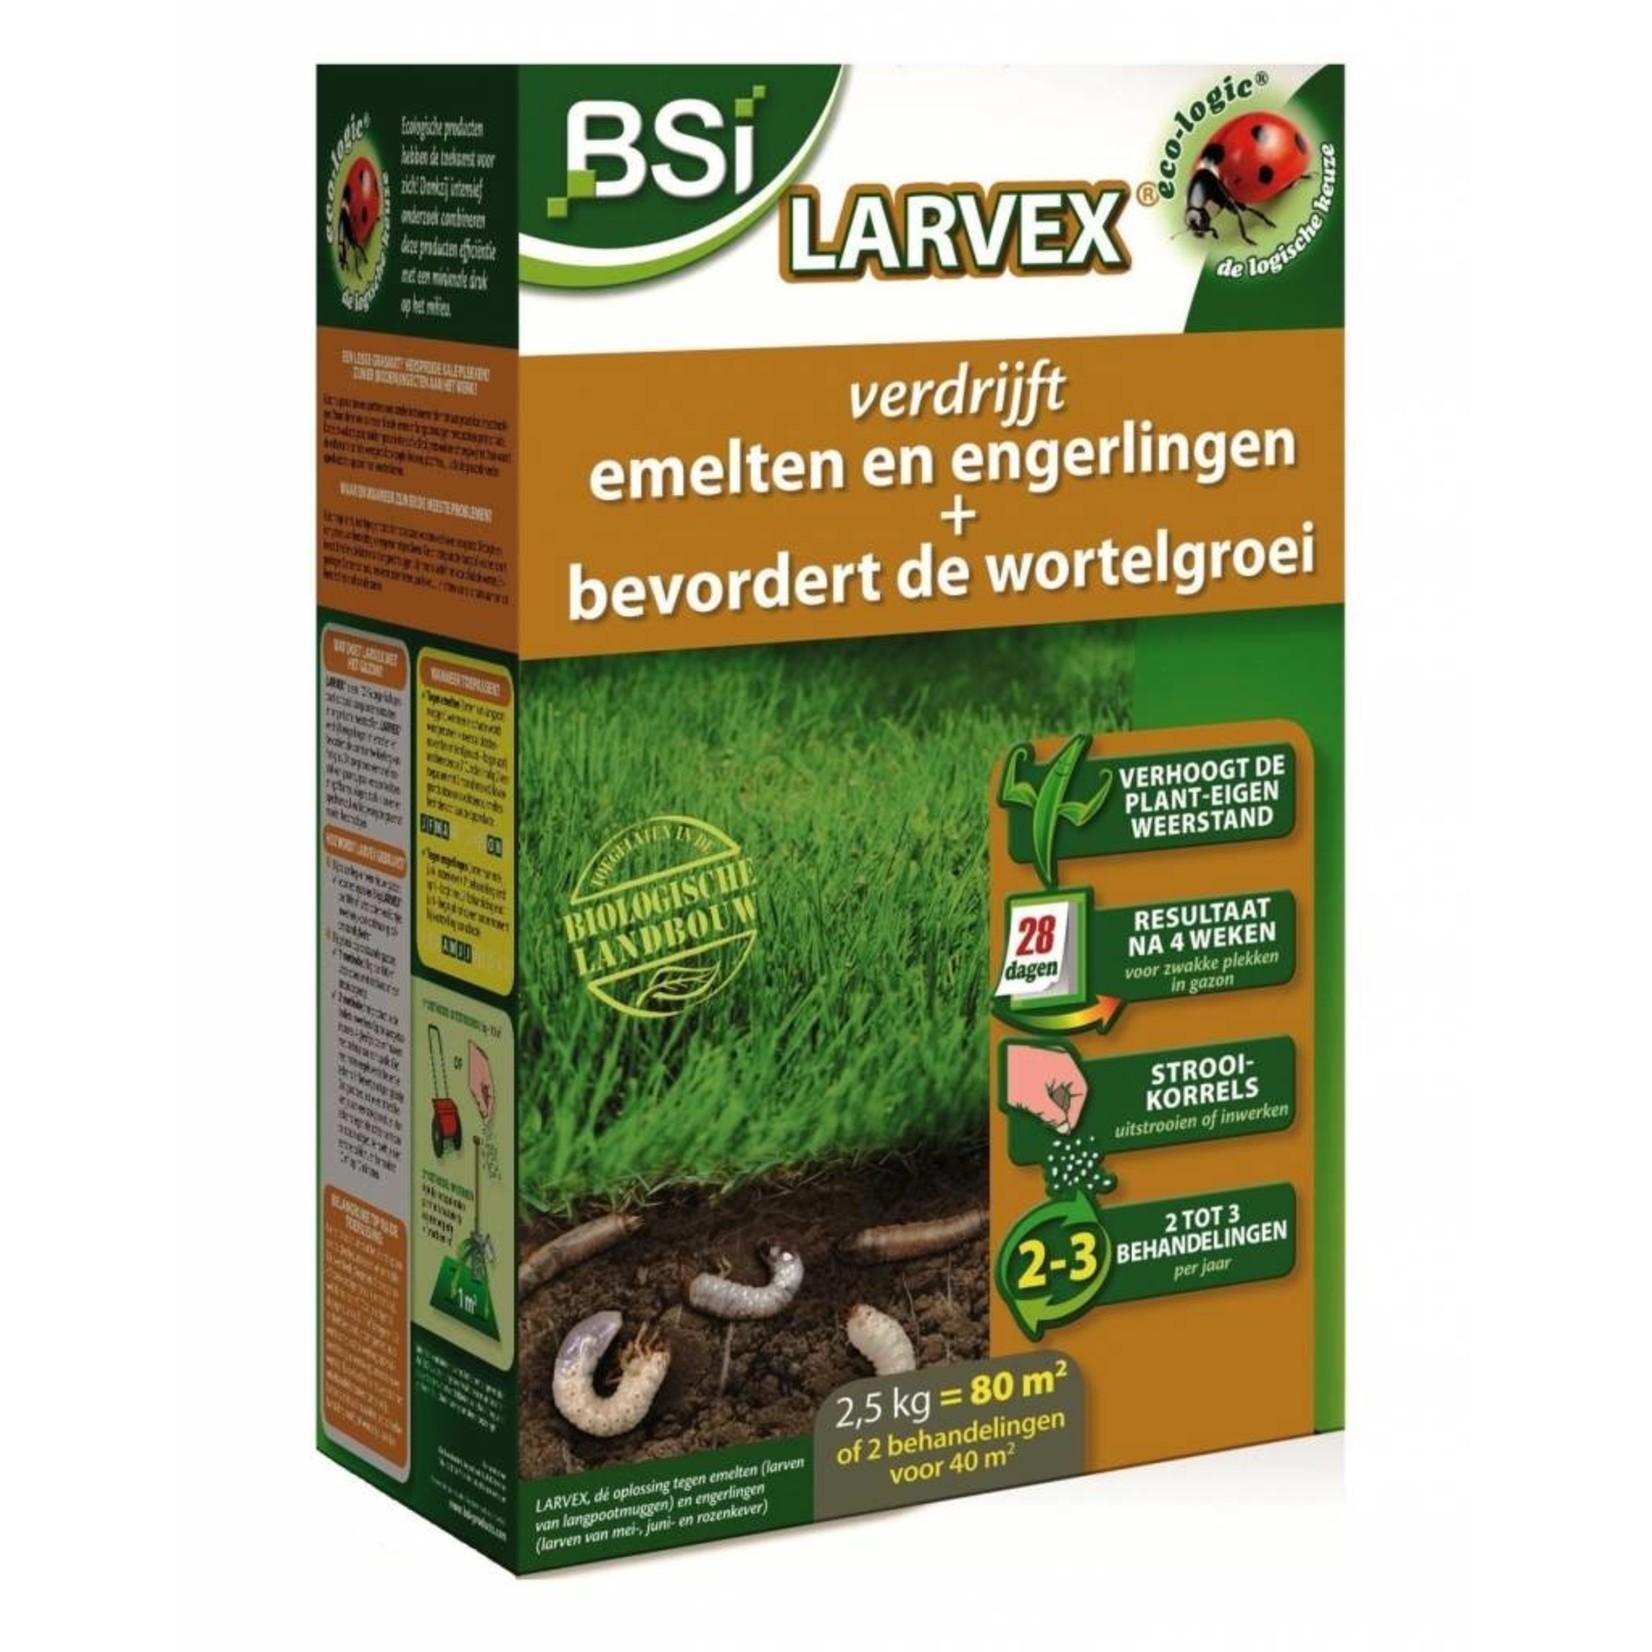 BSi Larvex 2,5 kg tegen engerlingen & emelten